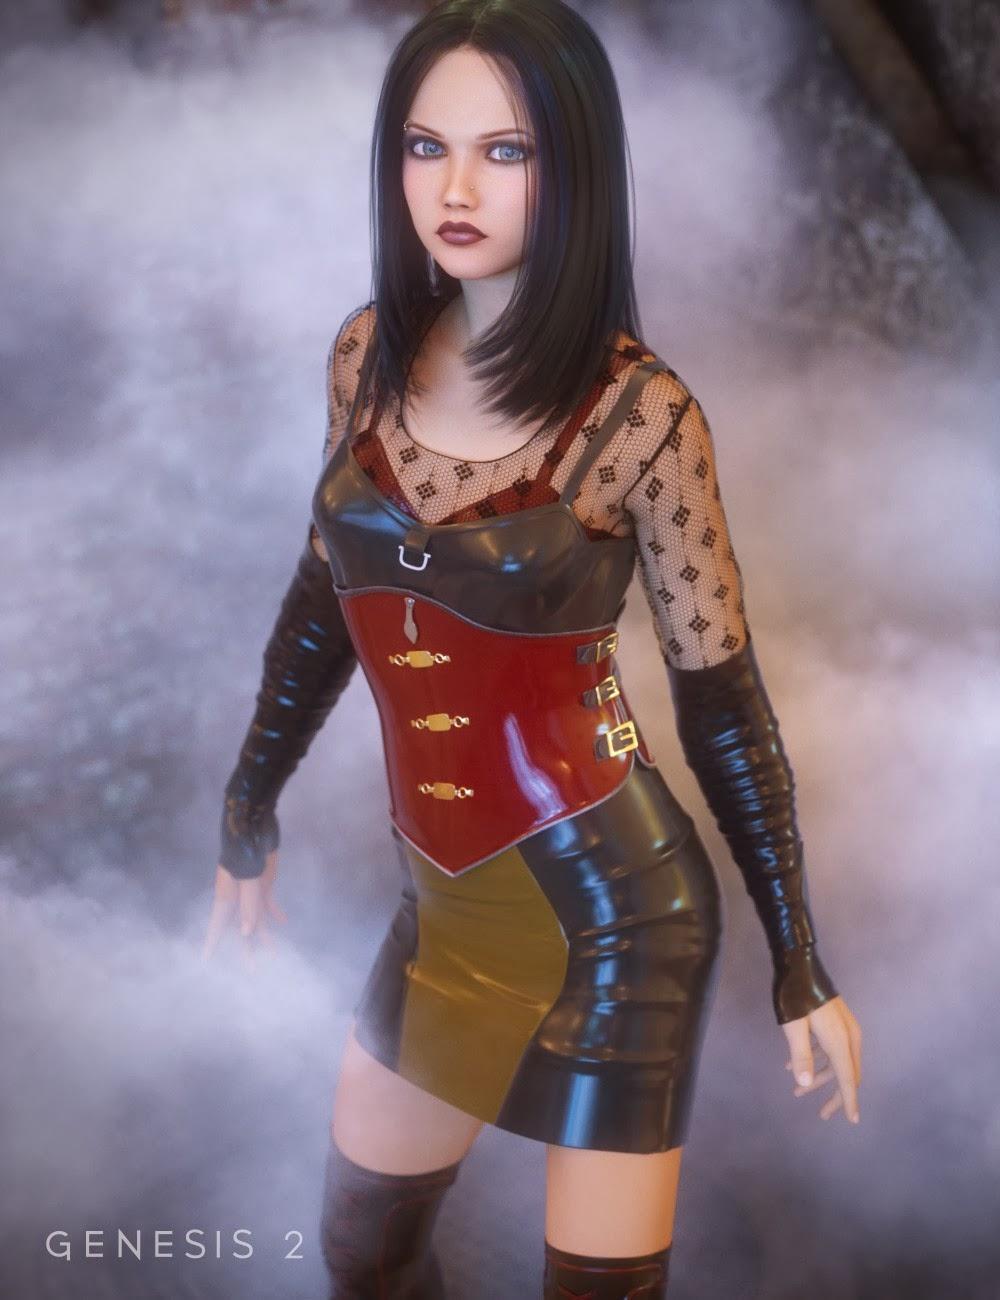 Download daz studio 3 for free daz 3d emotions for for 3d models torrent